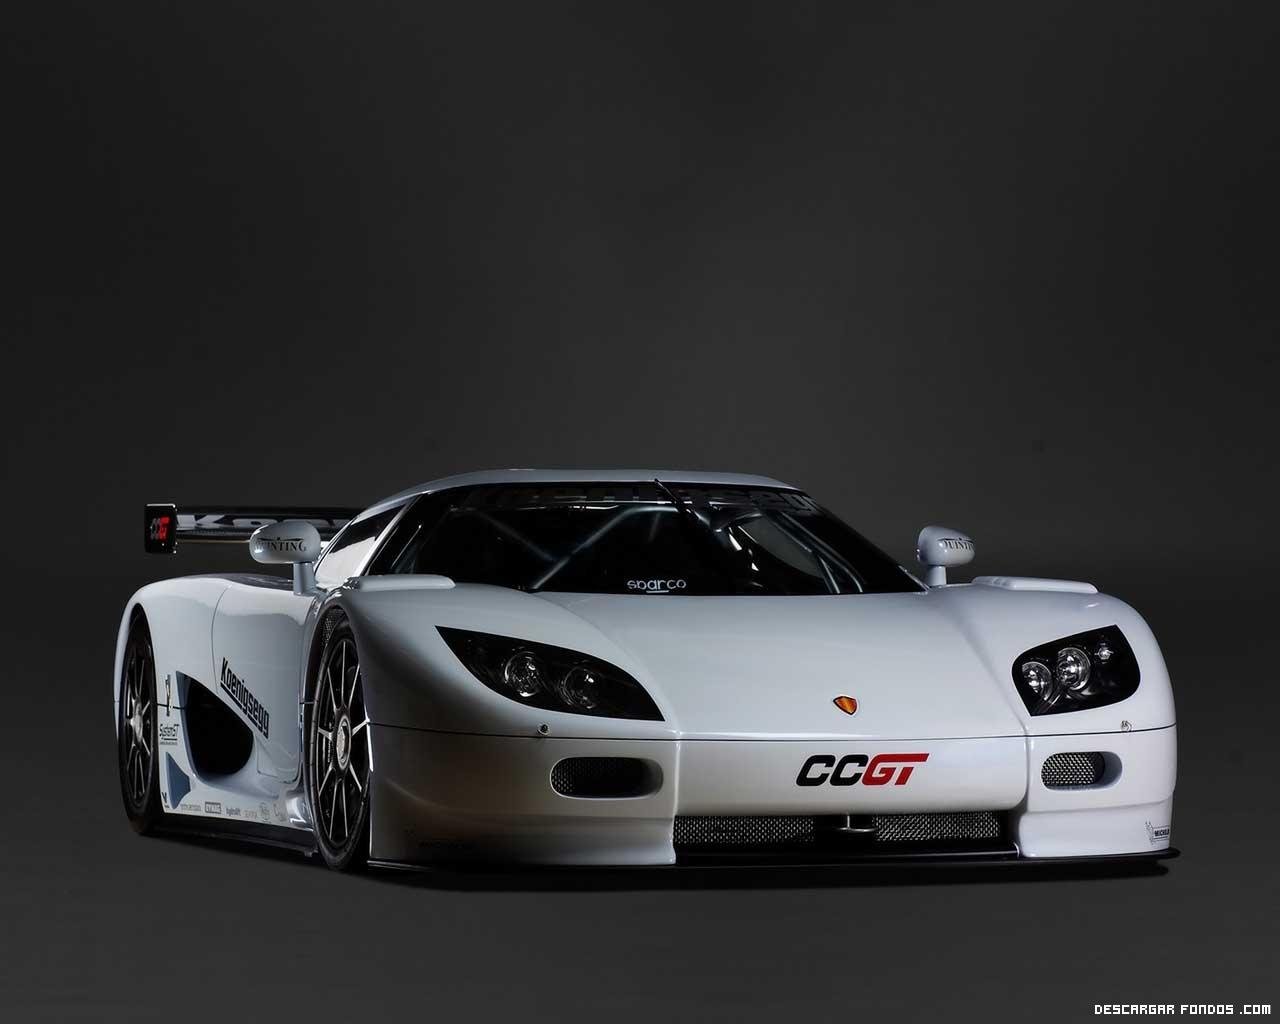 Fondos de un coche deportivo